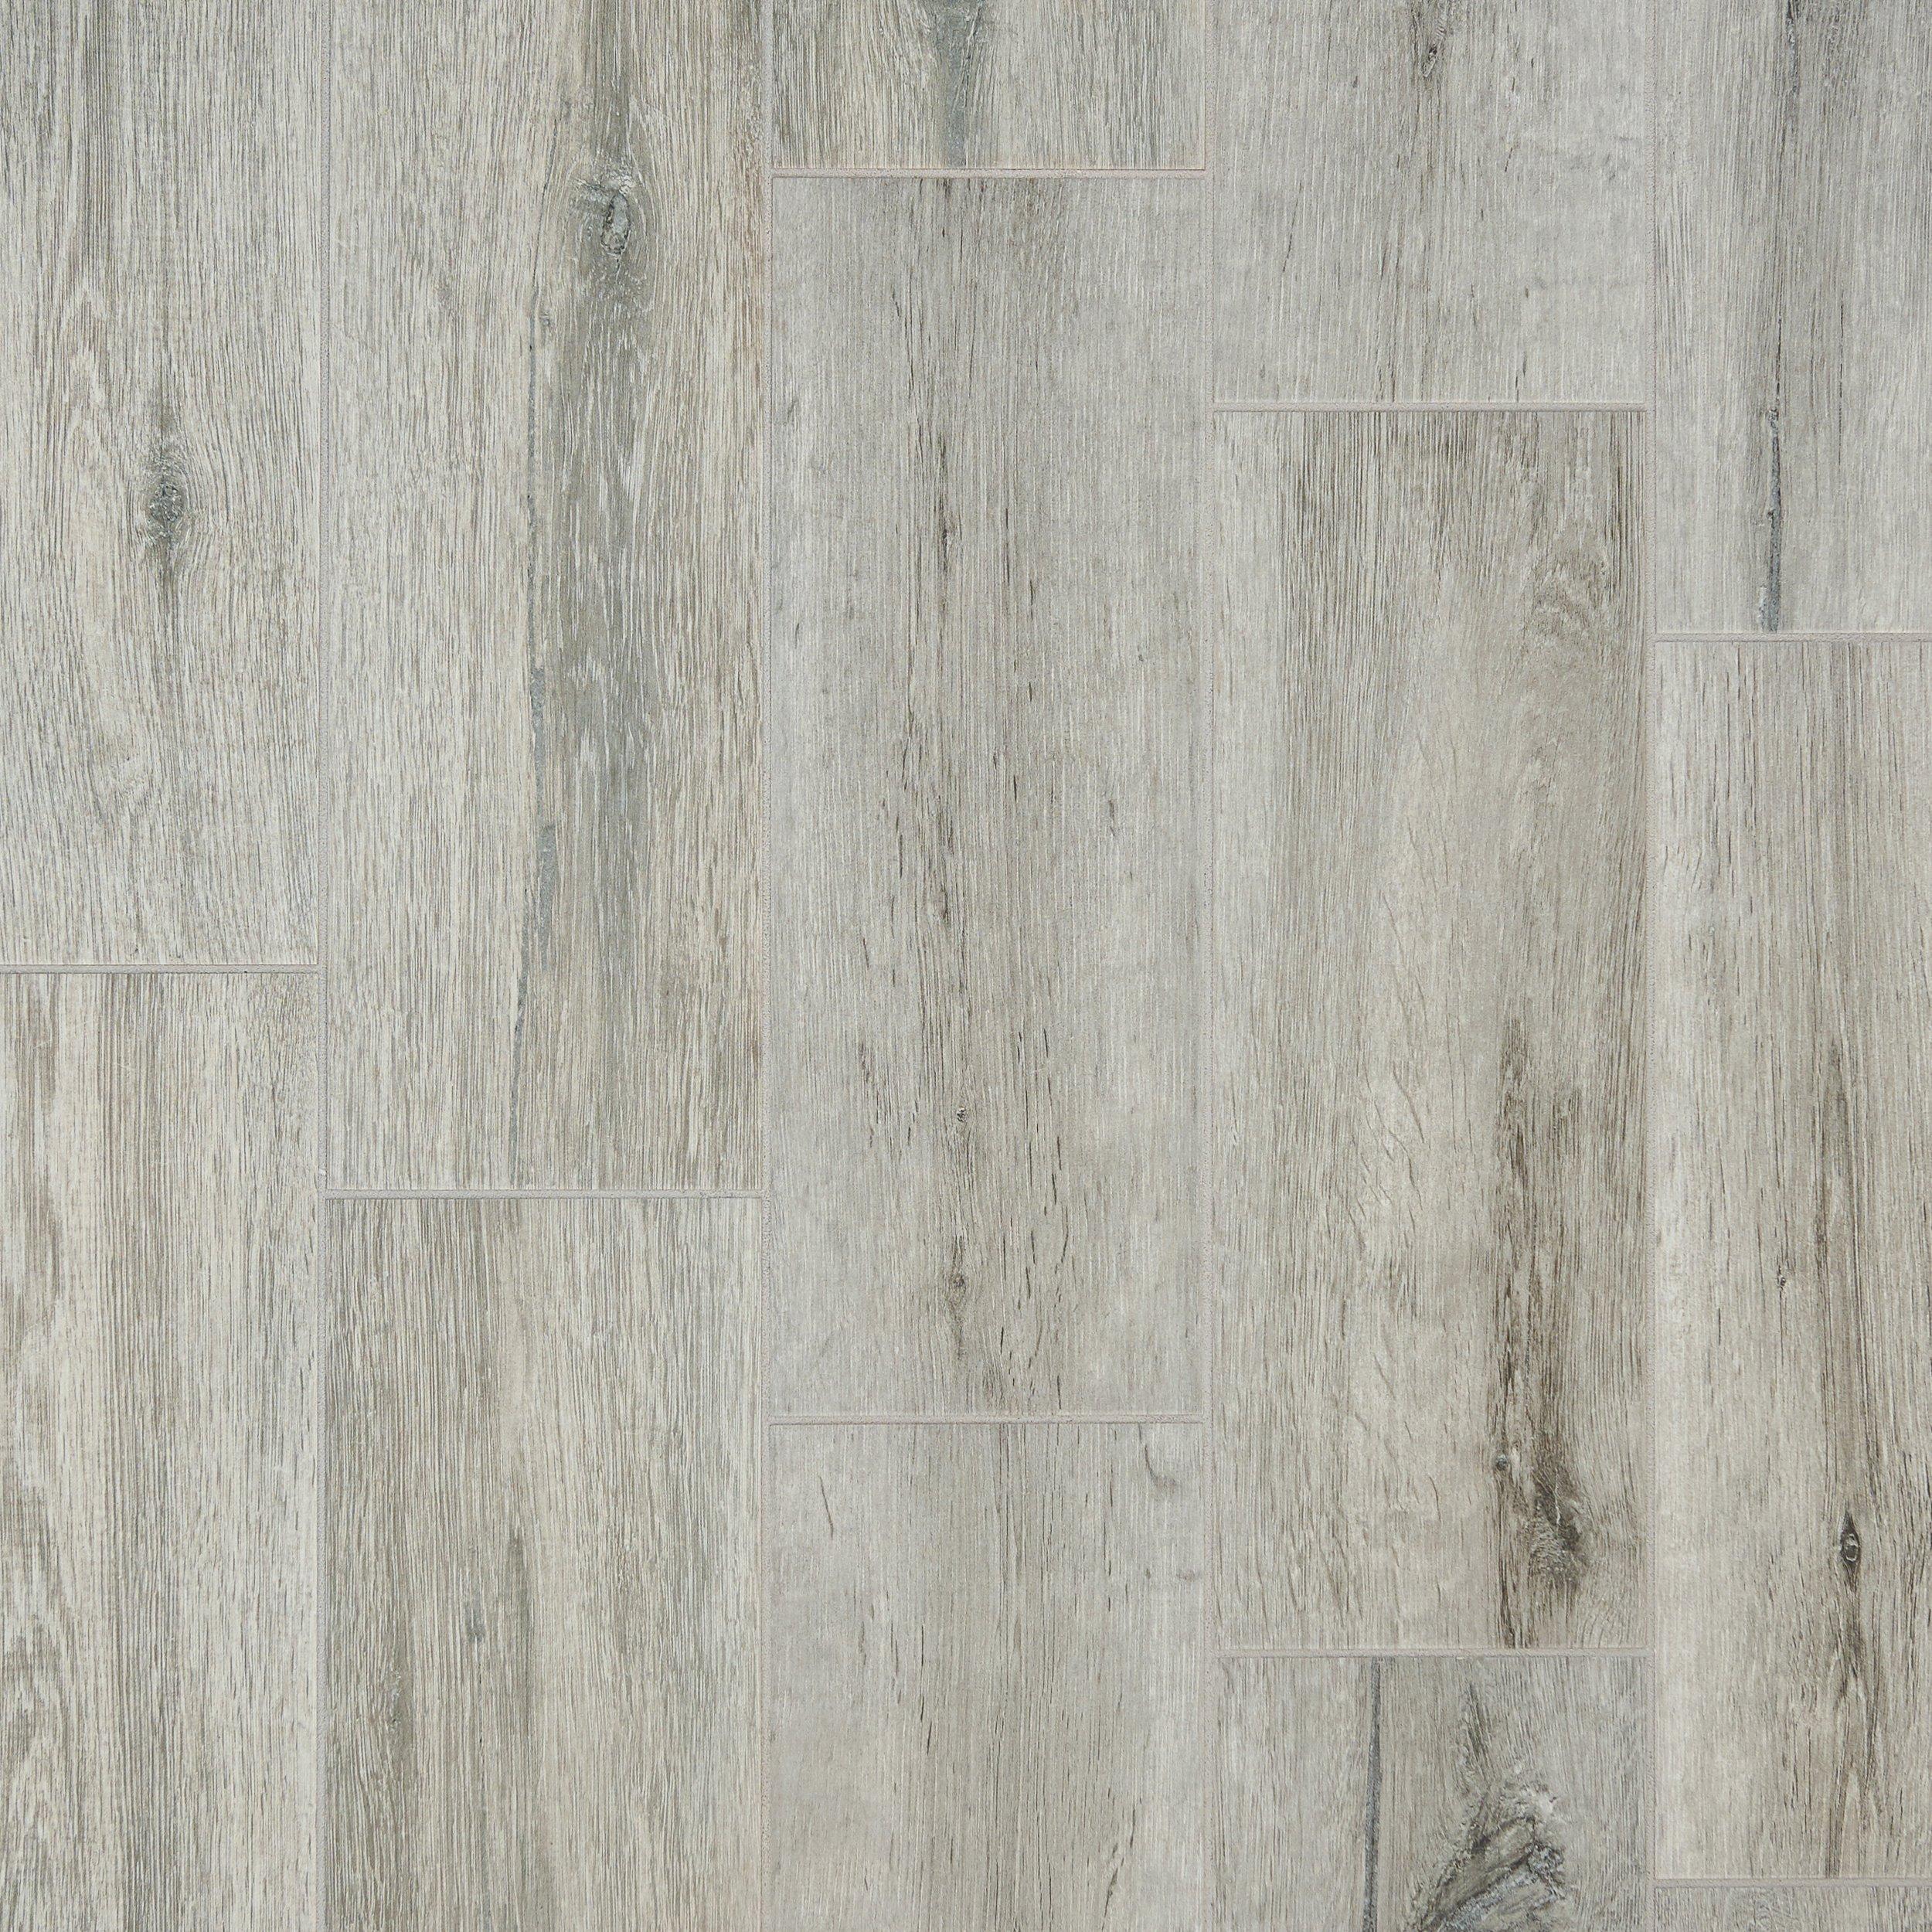 Wood Tile Ceramic View In Gallery Herringbone Floor